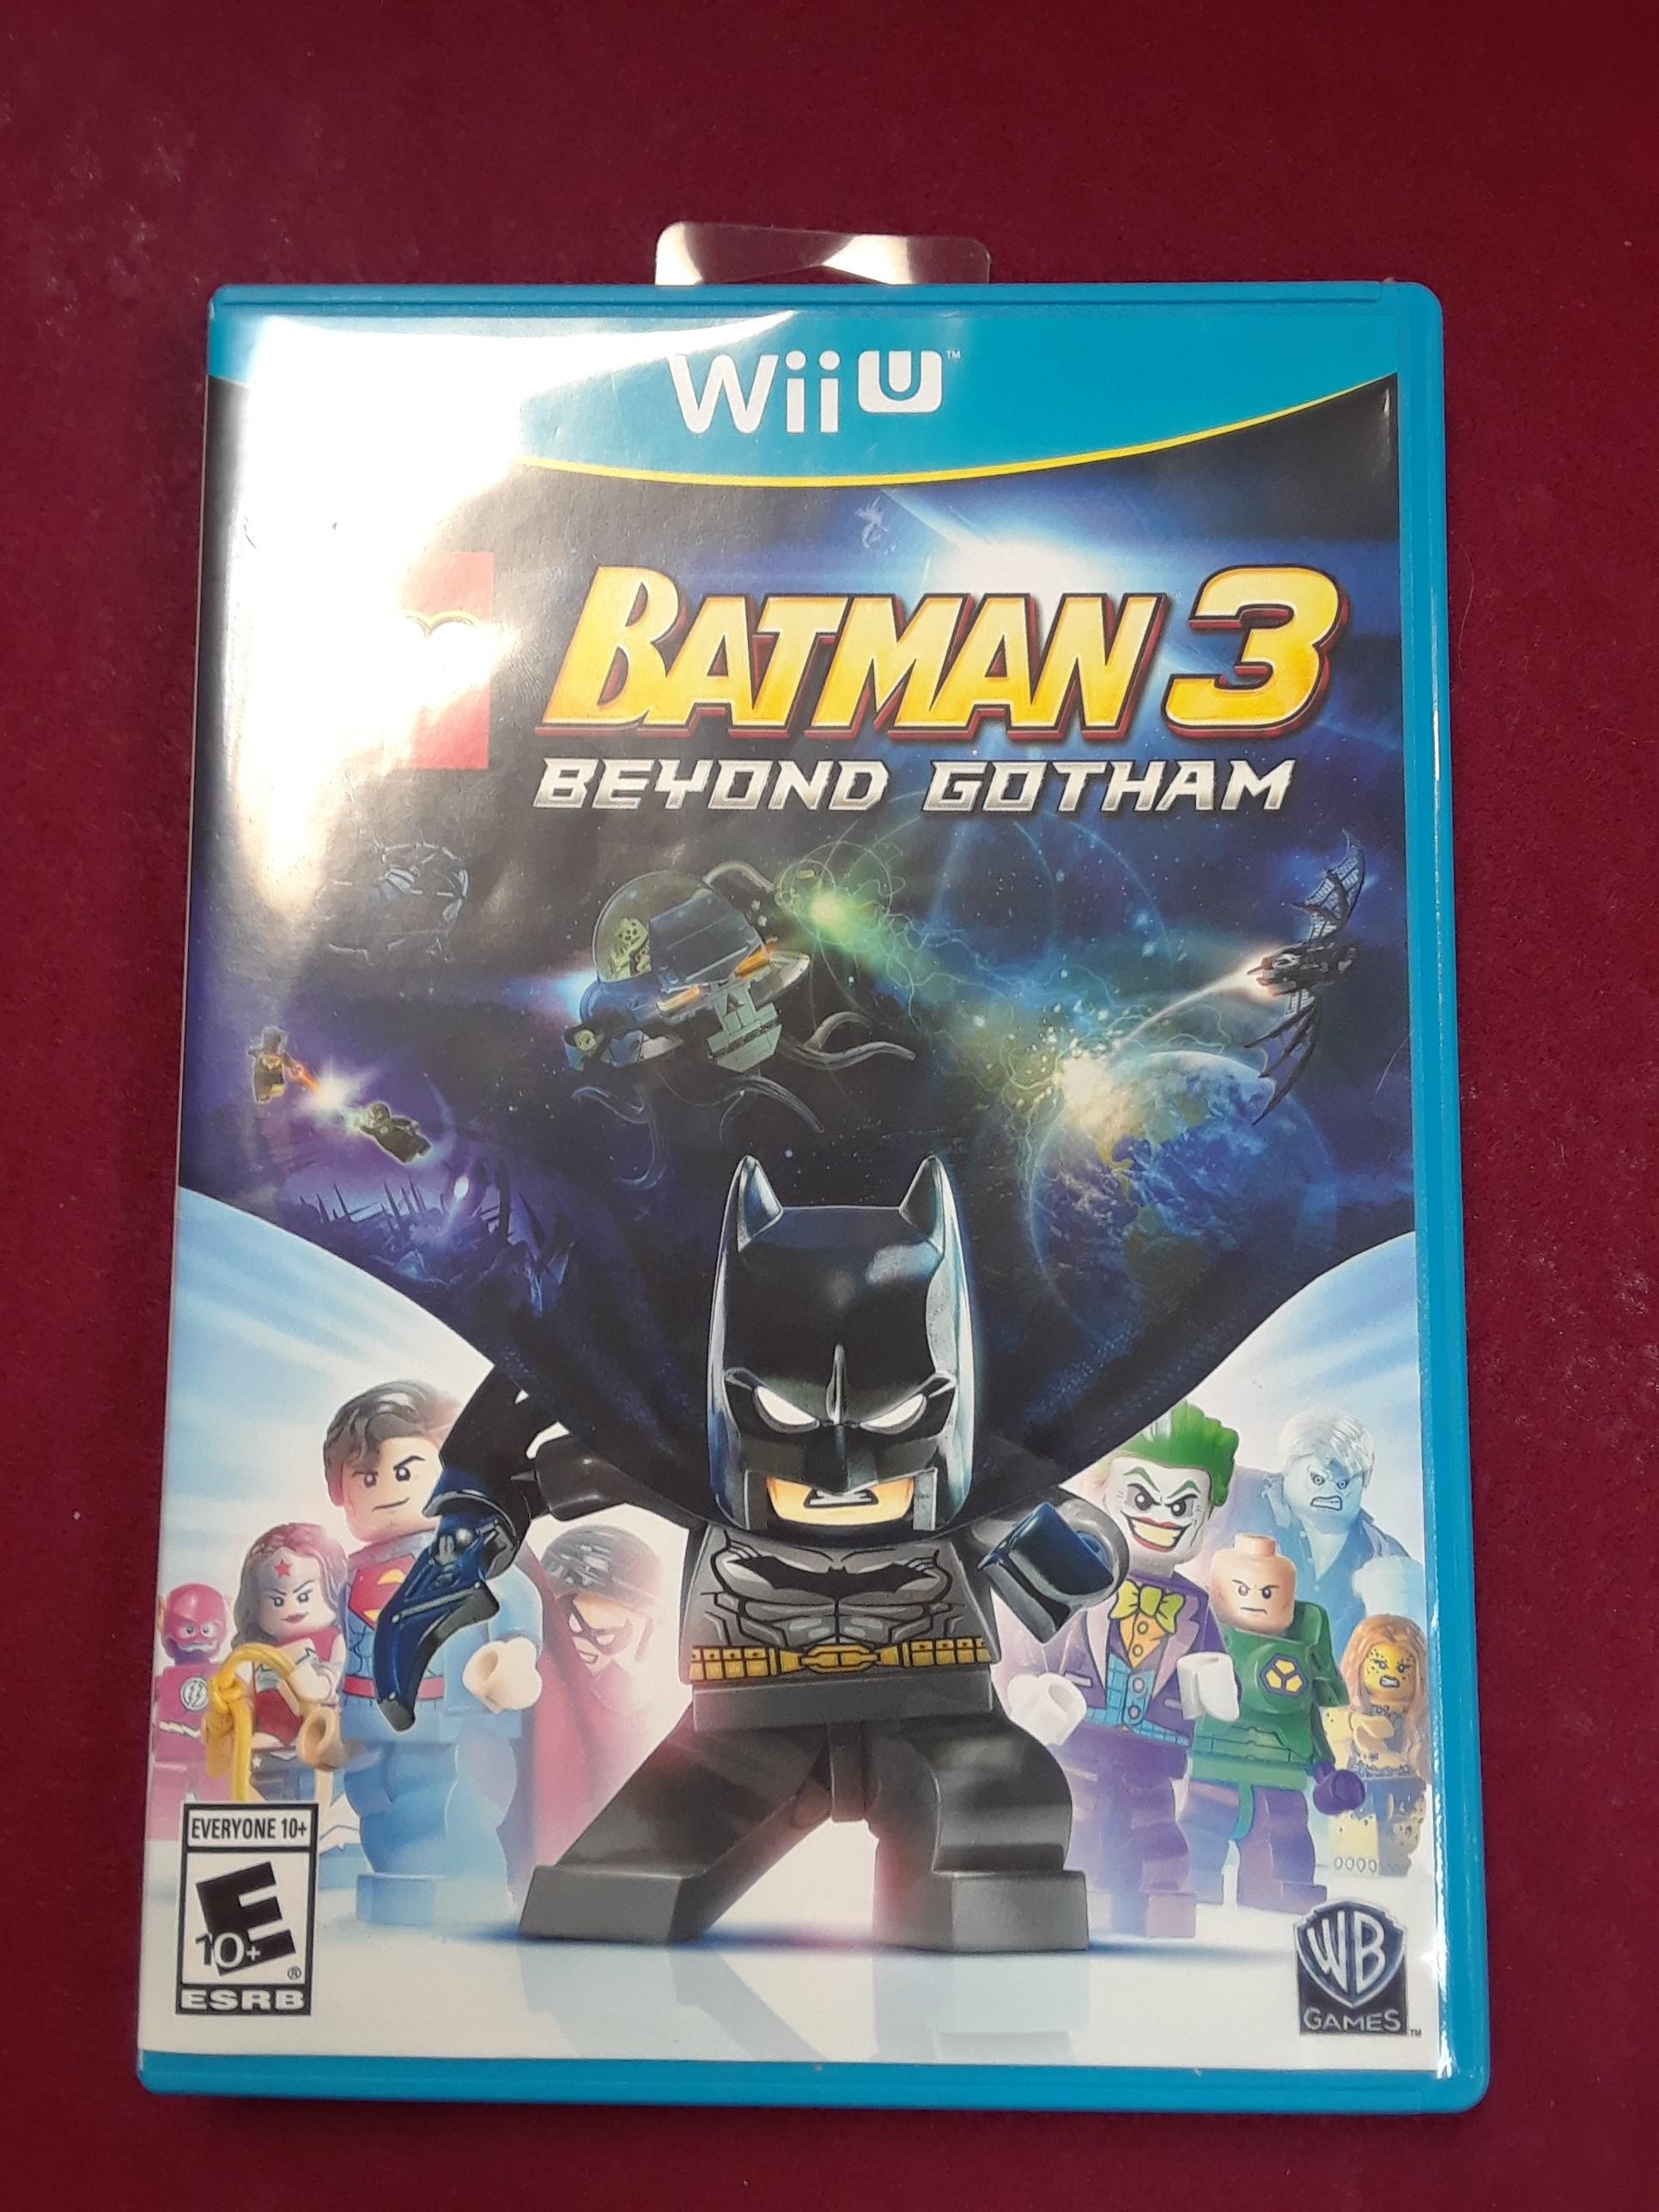 WII U GAME:  LEGO BATMAN 3: BEYOND GOTHAM